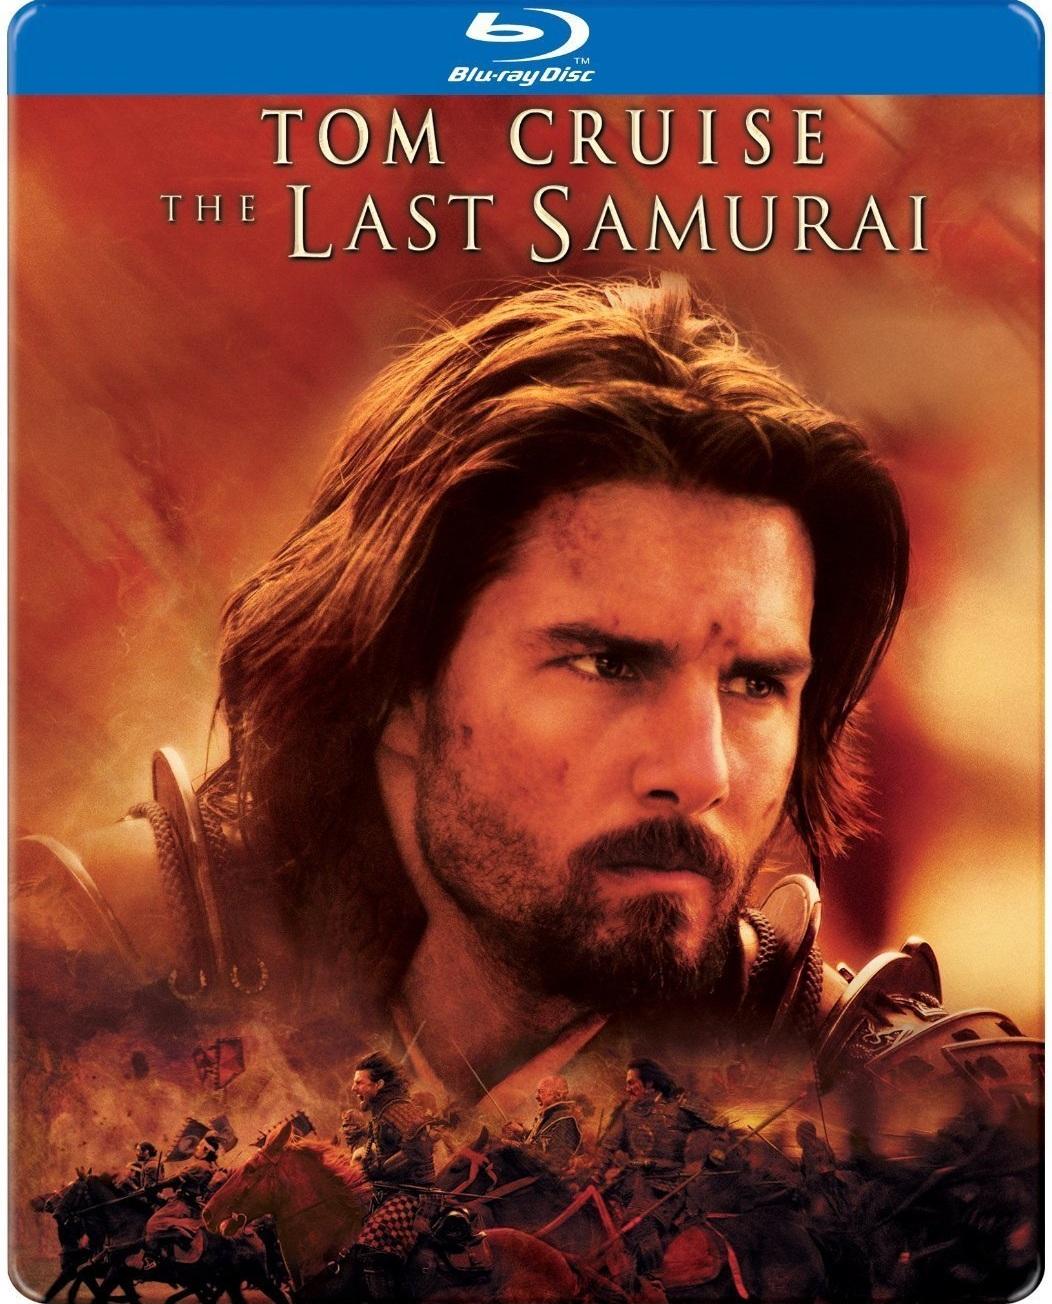 The Last Samurai (2003) Dual Audio Hindi 720p HEVC Bluray x264 AAC 950MB ESub